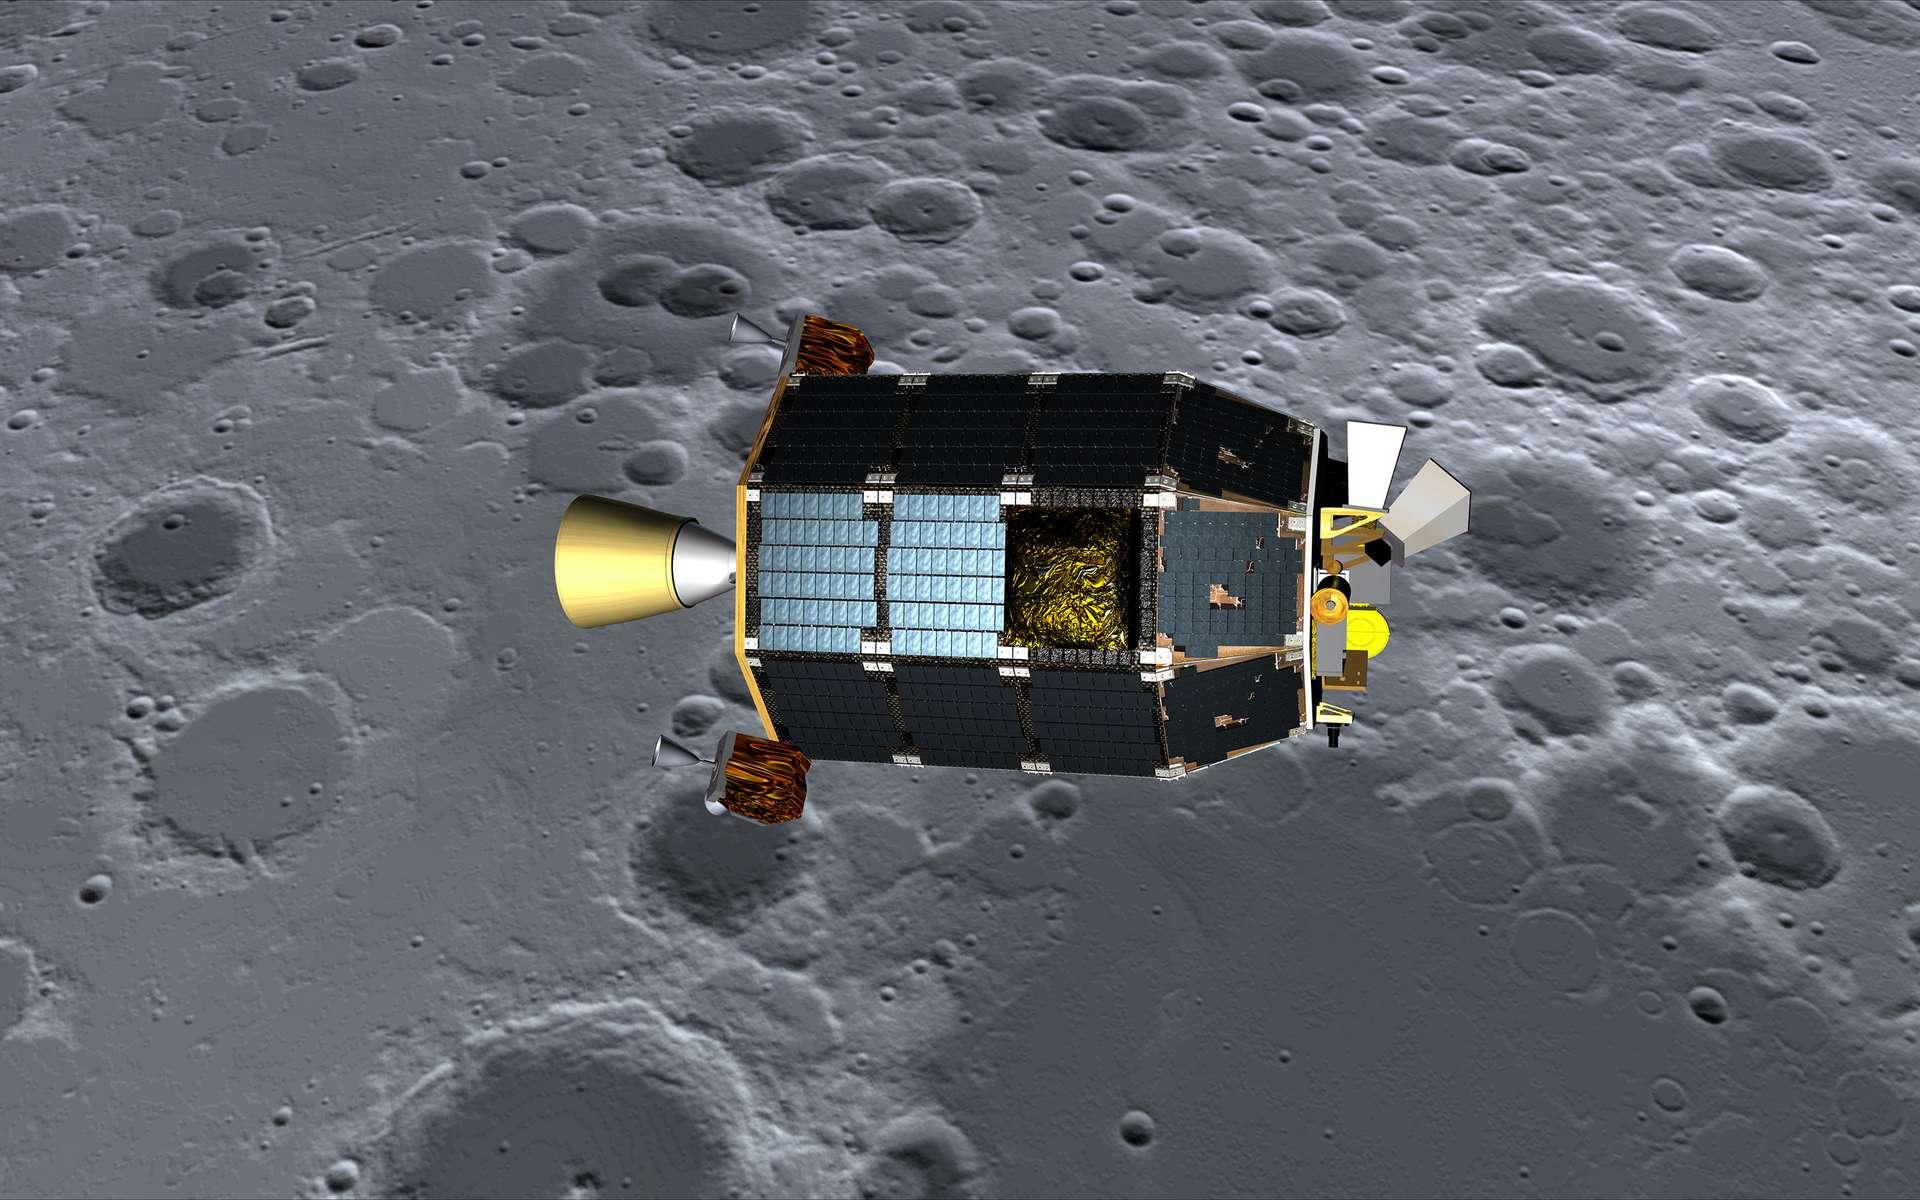 Une vue d'artiste de la sonde Ladee autour de la Lune. © Nasa/Ames/Dana Berry